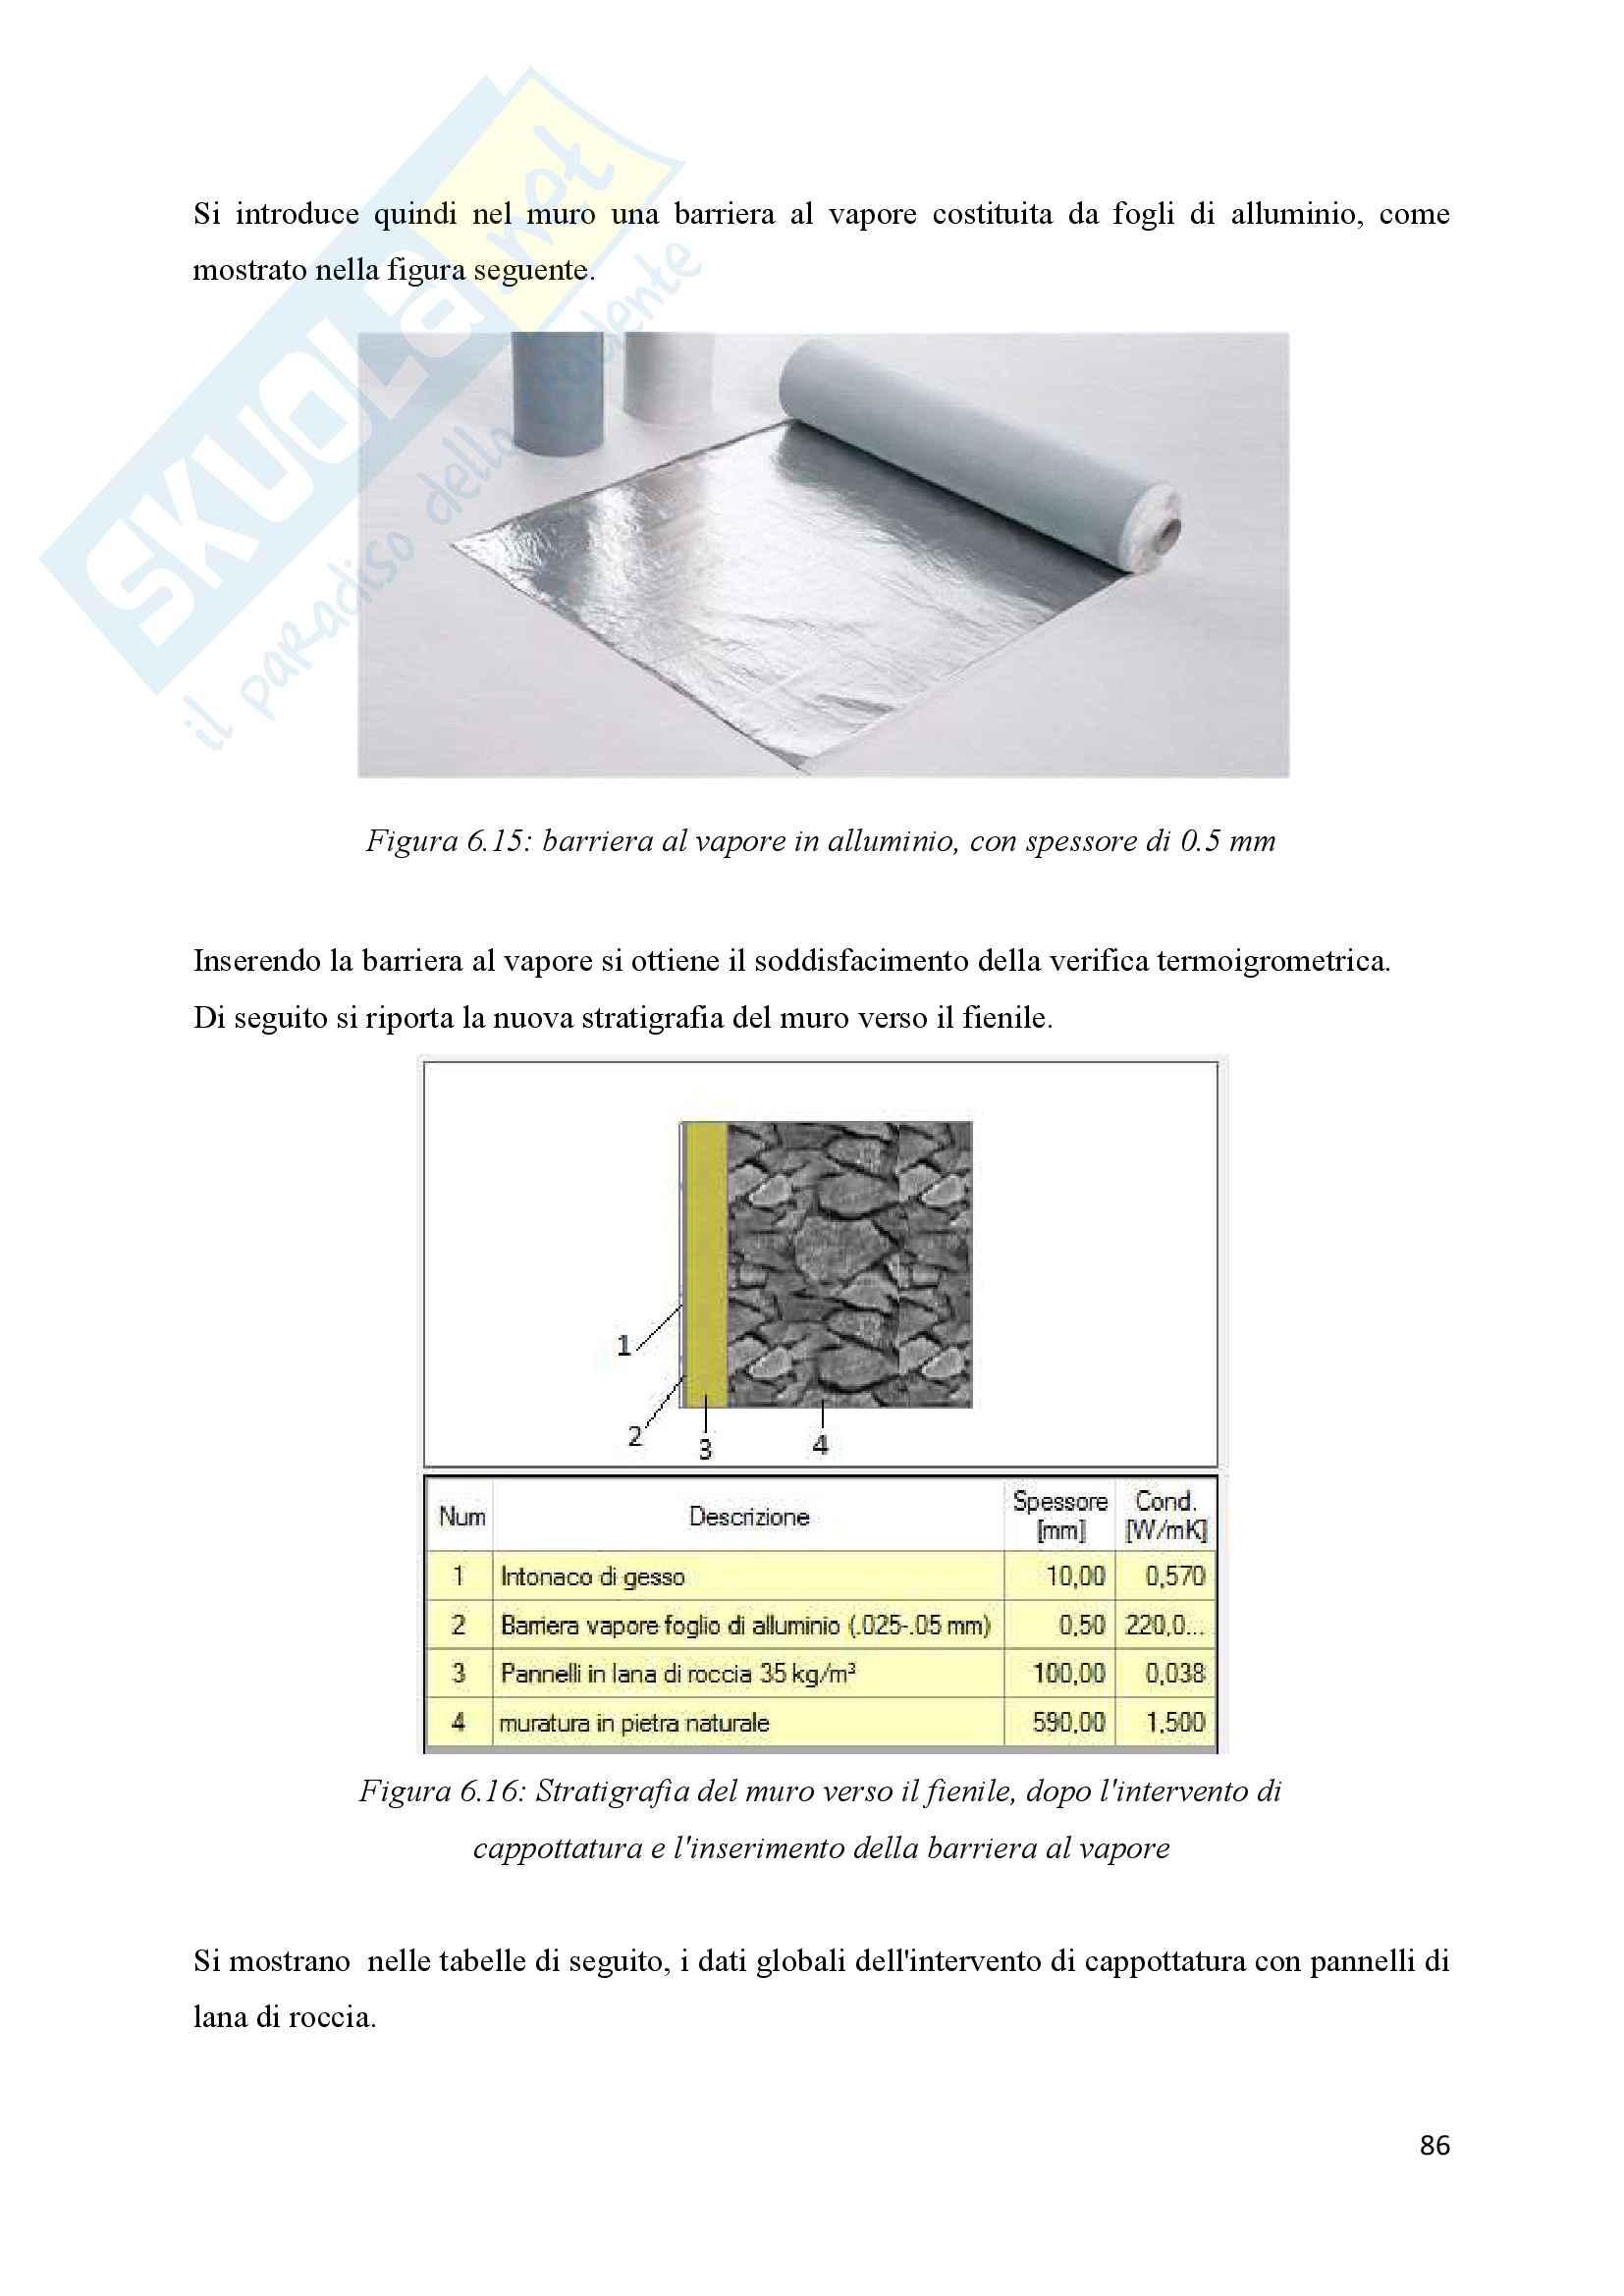 Scenari di riqualificazione energetica di un appartamento, Tesi Pag. 86